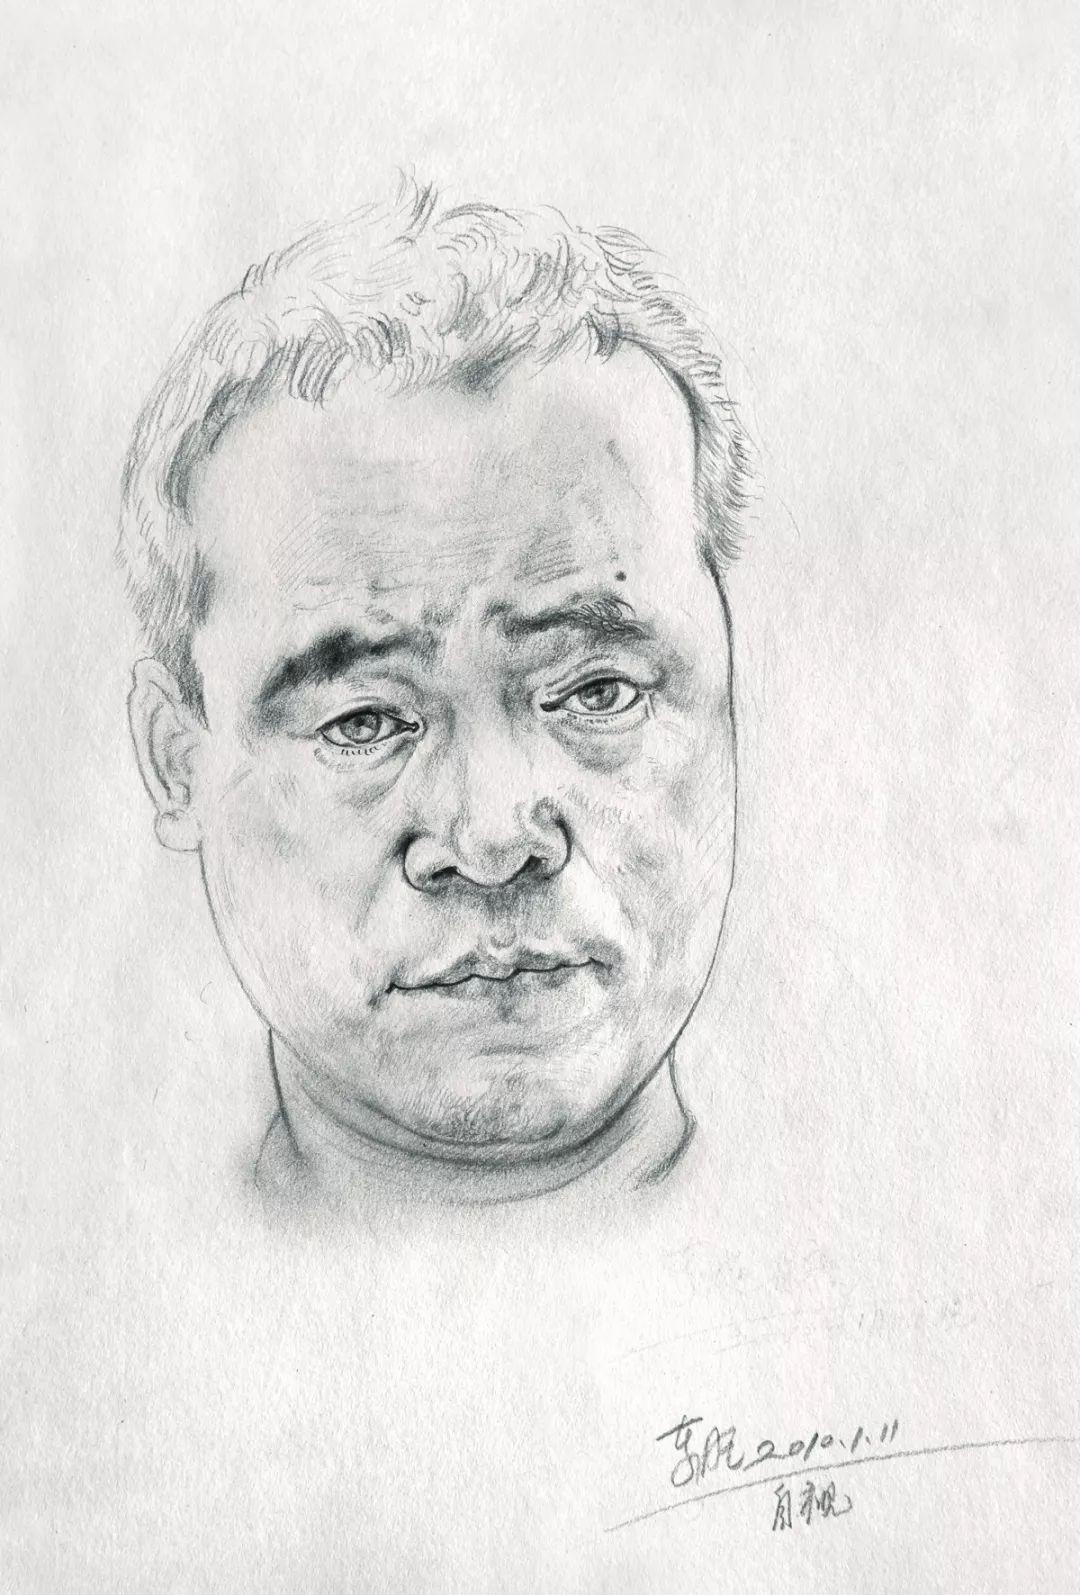 从民间画匠到美院教授,他专注画白菜、农民,传奇一生值得品味!插图55